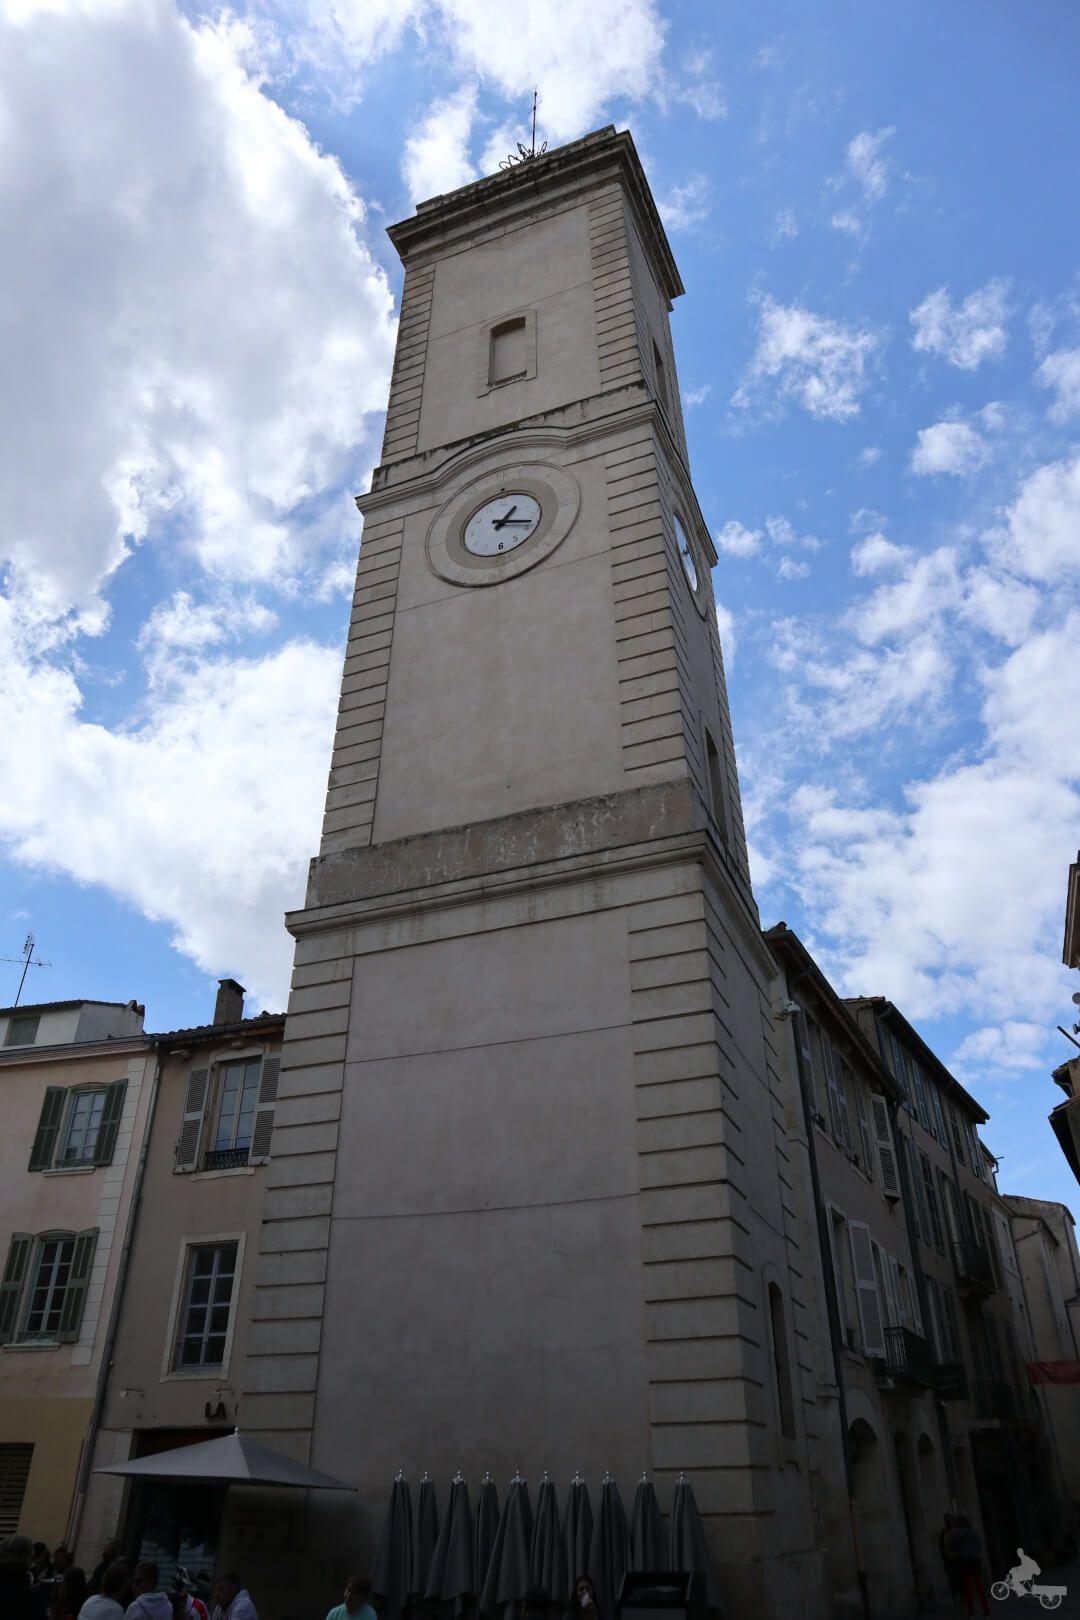 torre reloj nimes